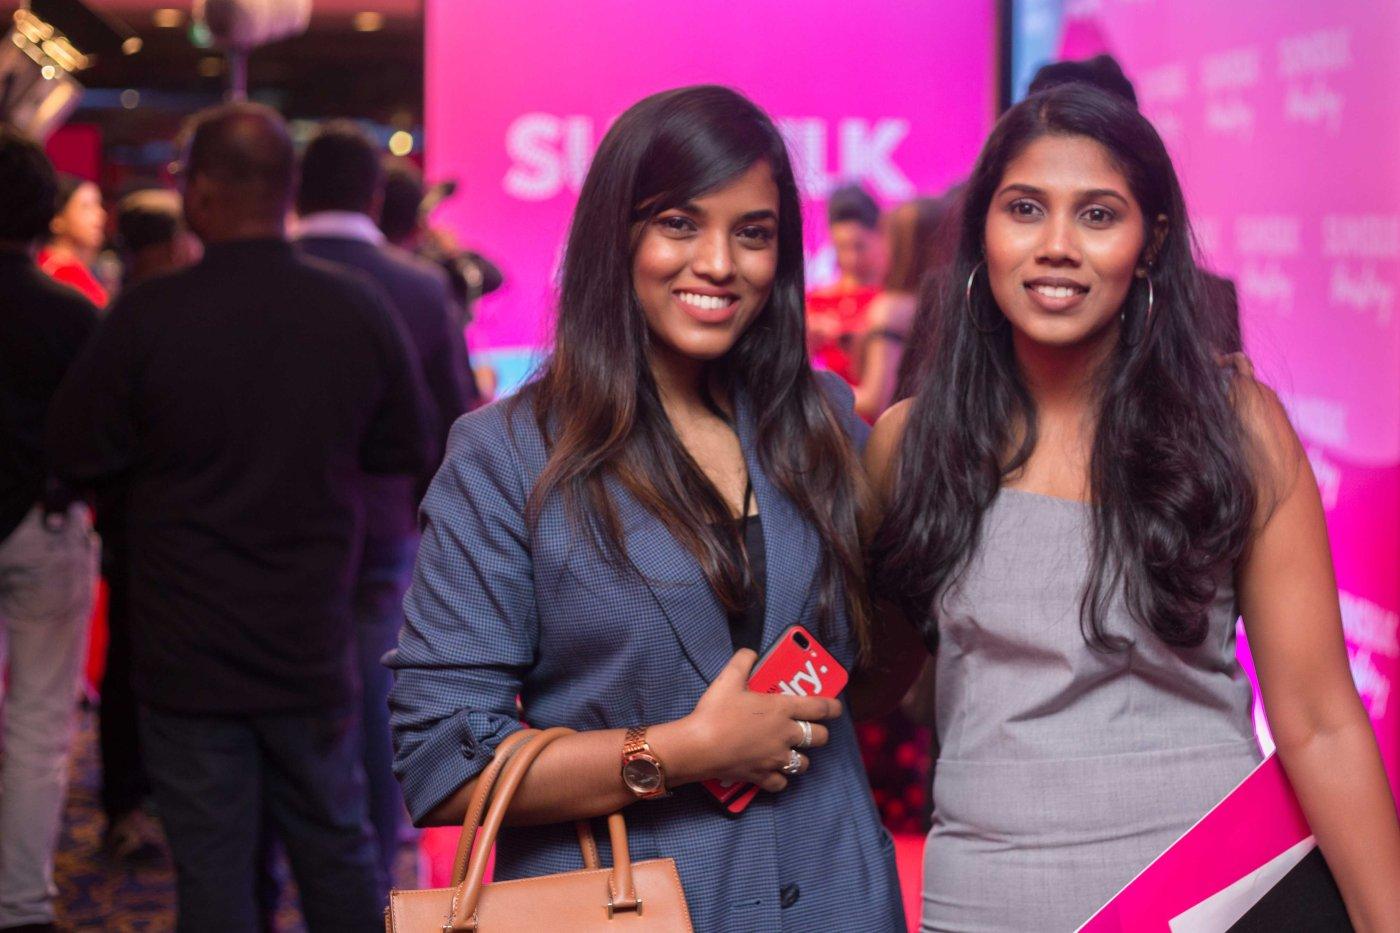 Sunsilk Hairstory 2018: Retelling the Hair Story of Sri